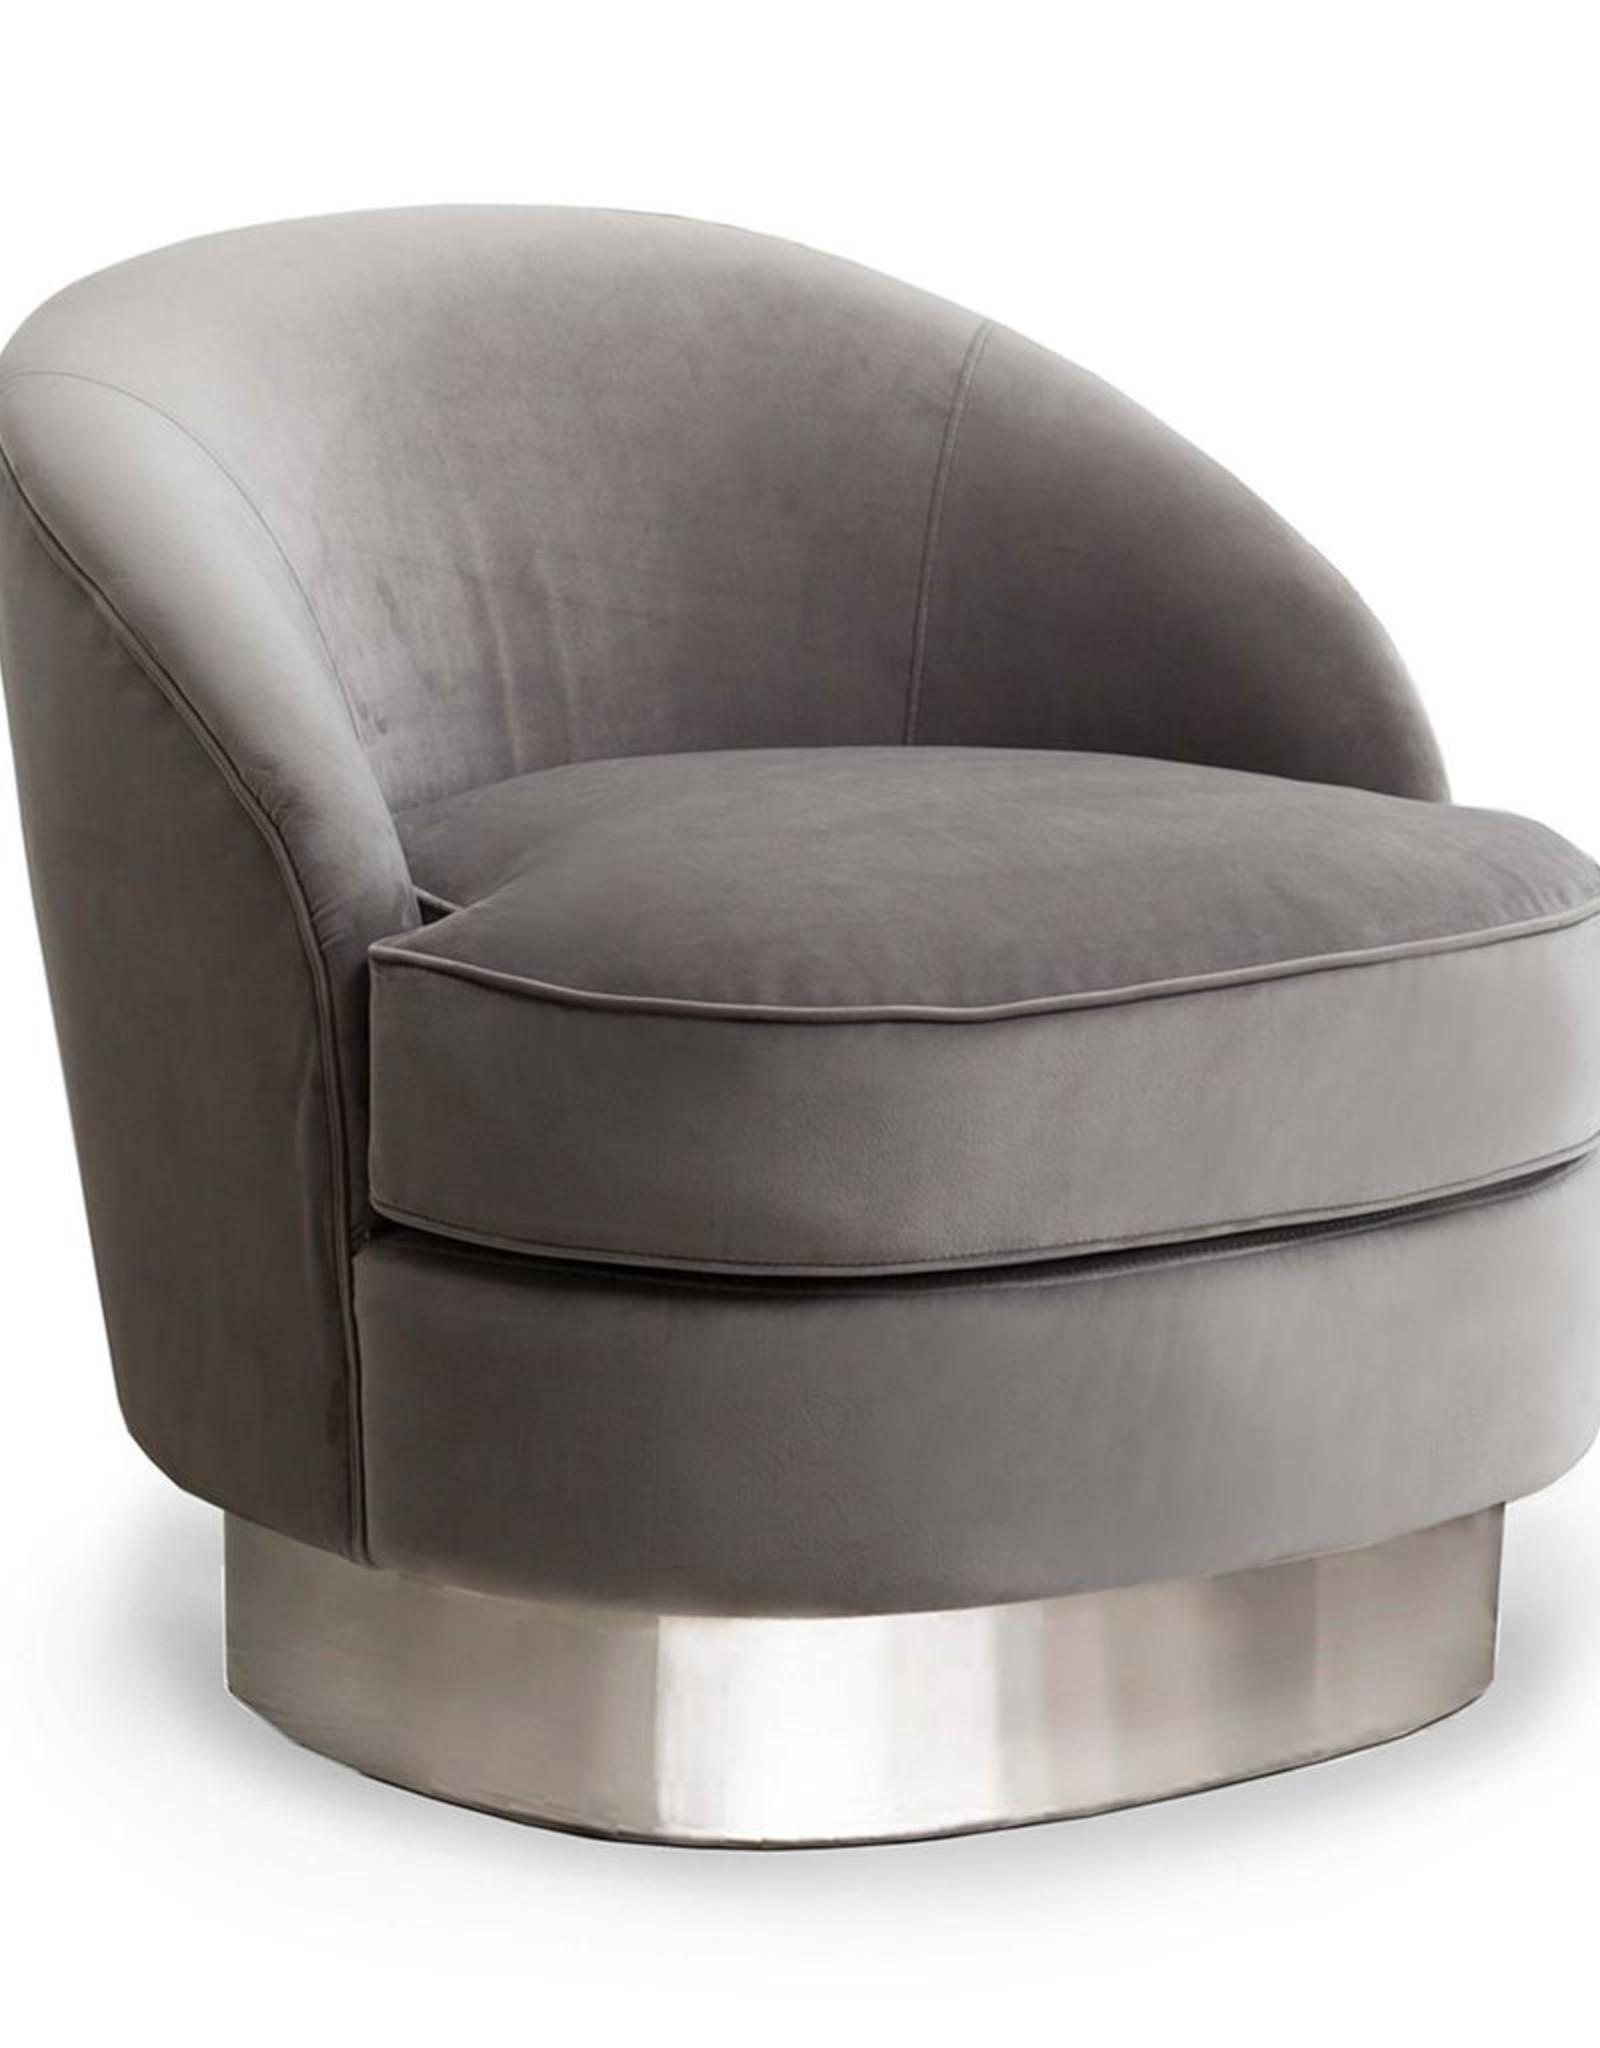 Regina Andrew Design Jacqueline Side Chair, Grey Velvet